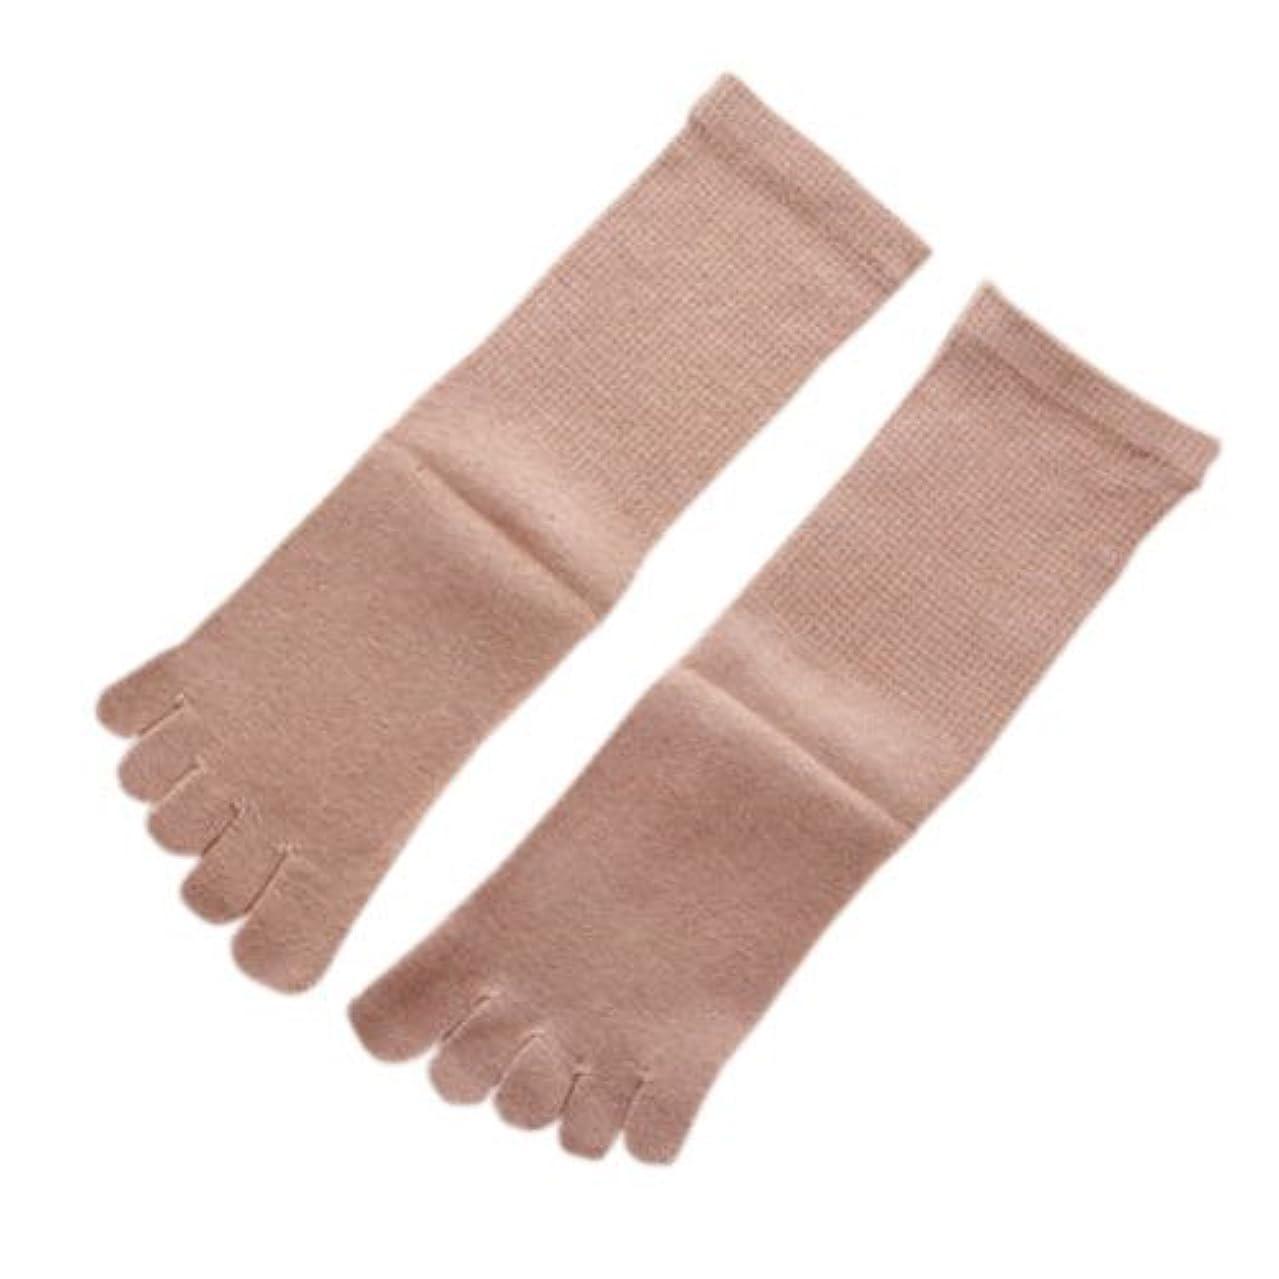 リダクターモードリン役割オーガニックコットン 五本指ソックスシルク混L(25-27cm) ブラウン:履くだけで足のつぼをマッサージし、むくみや疲れを軽減します。